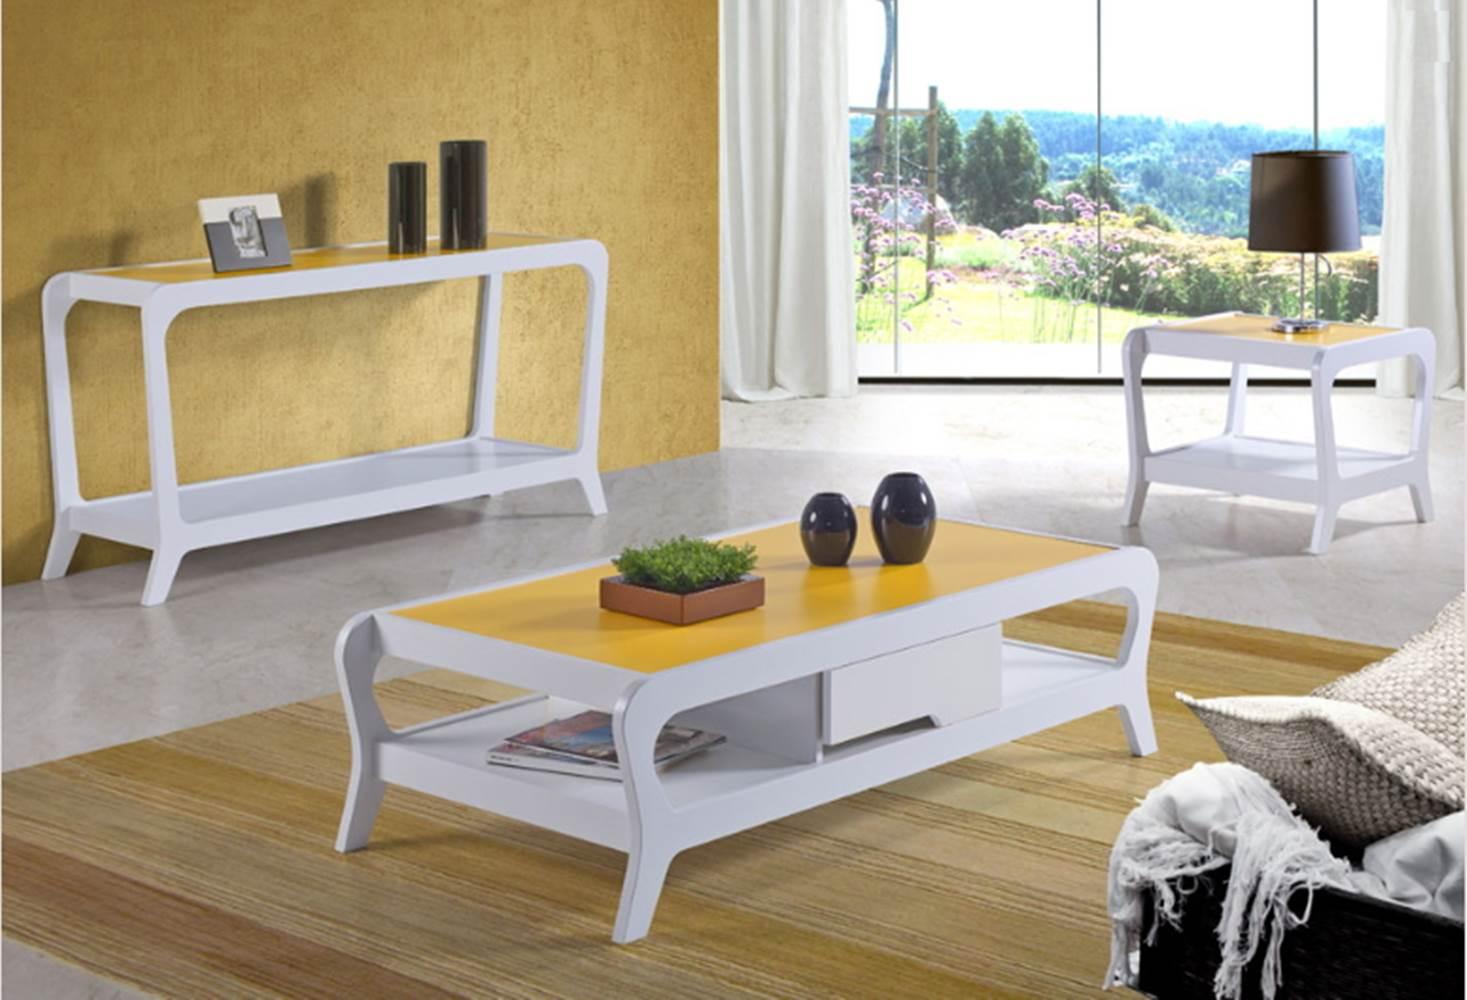 Mesa Lateral Marley 493-0 Acabamento Branco/Amarelo - 21977